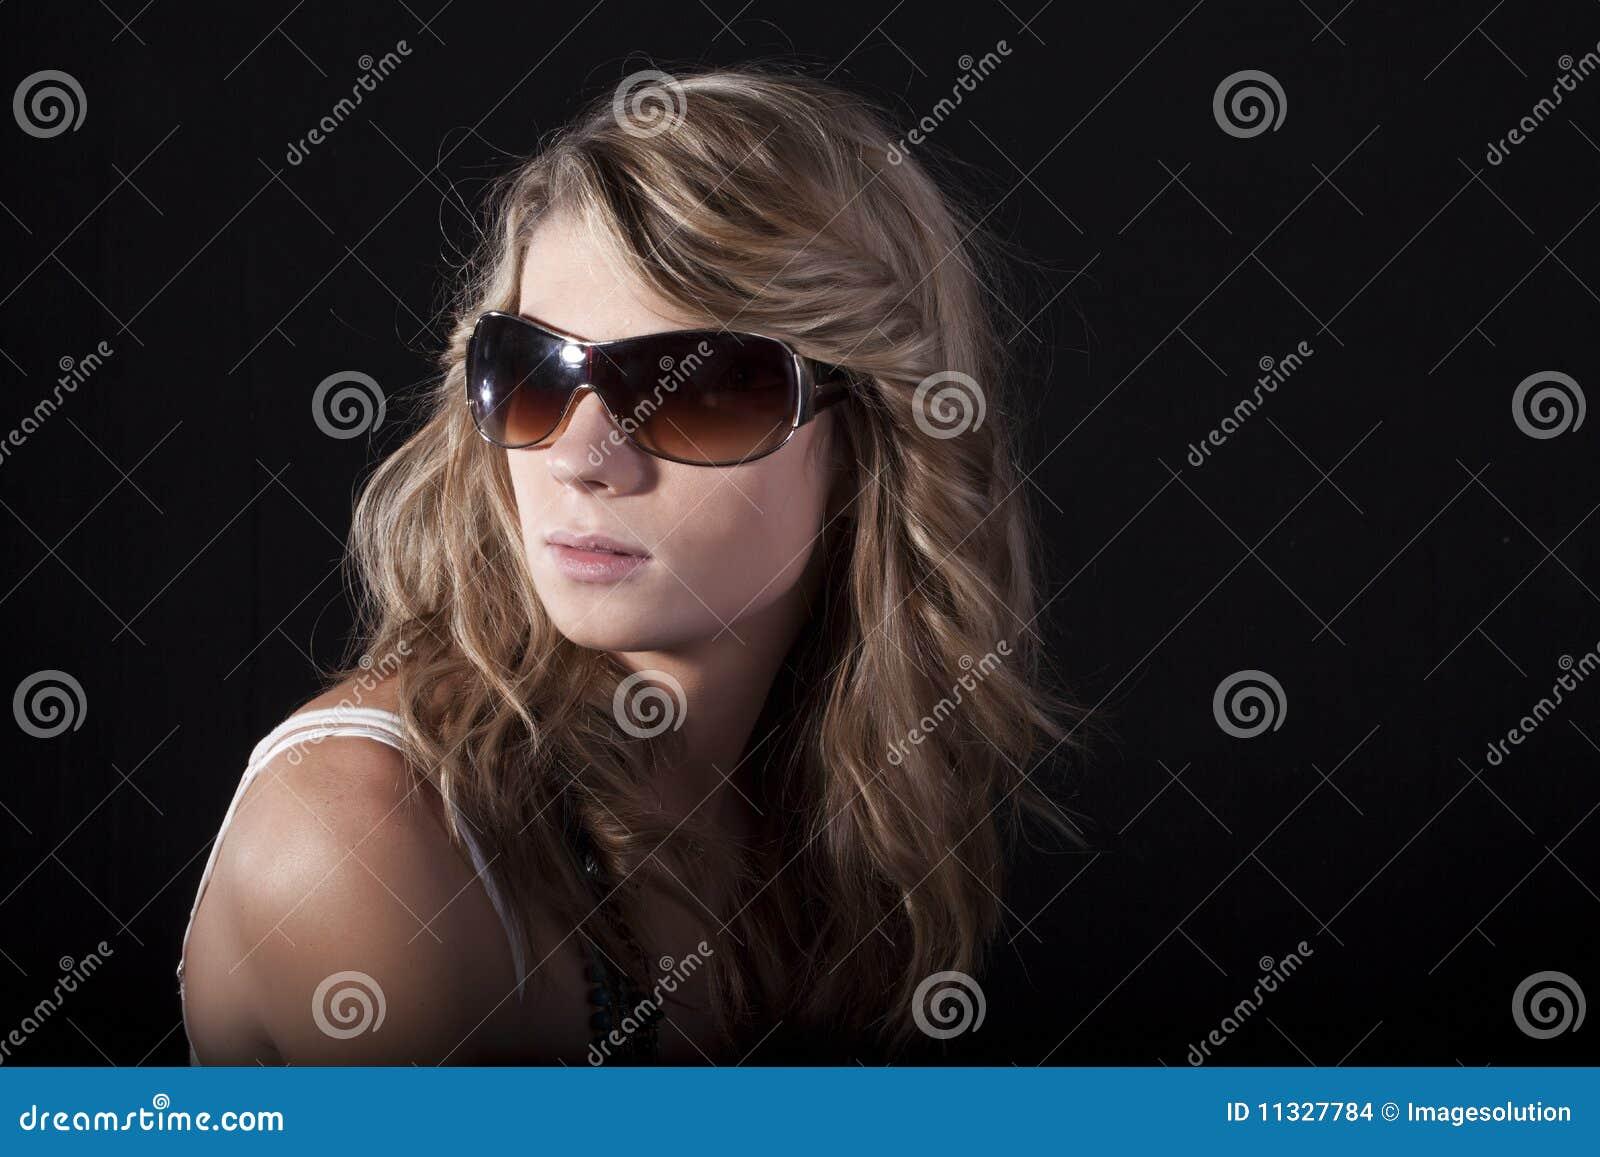 Gafas de sol y mujeres desnudas